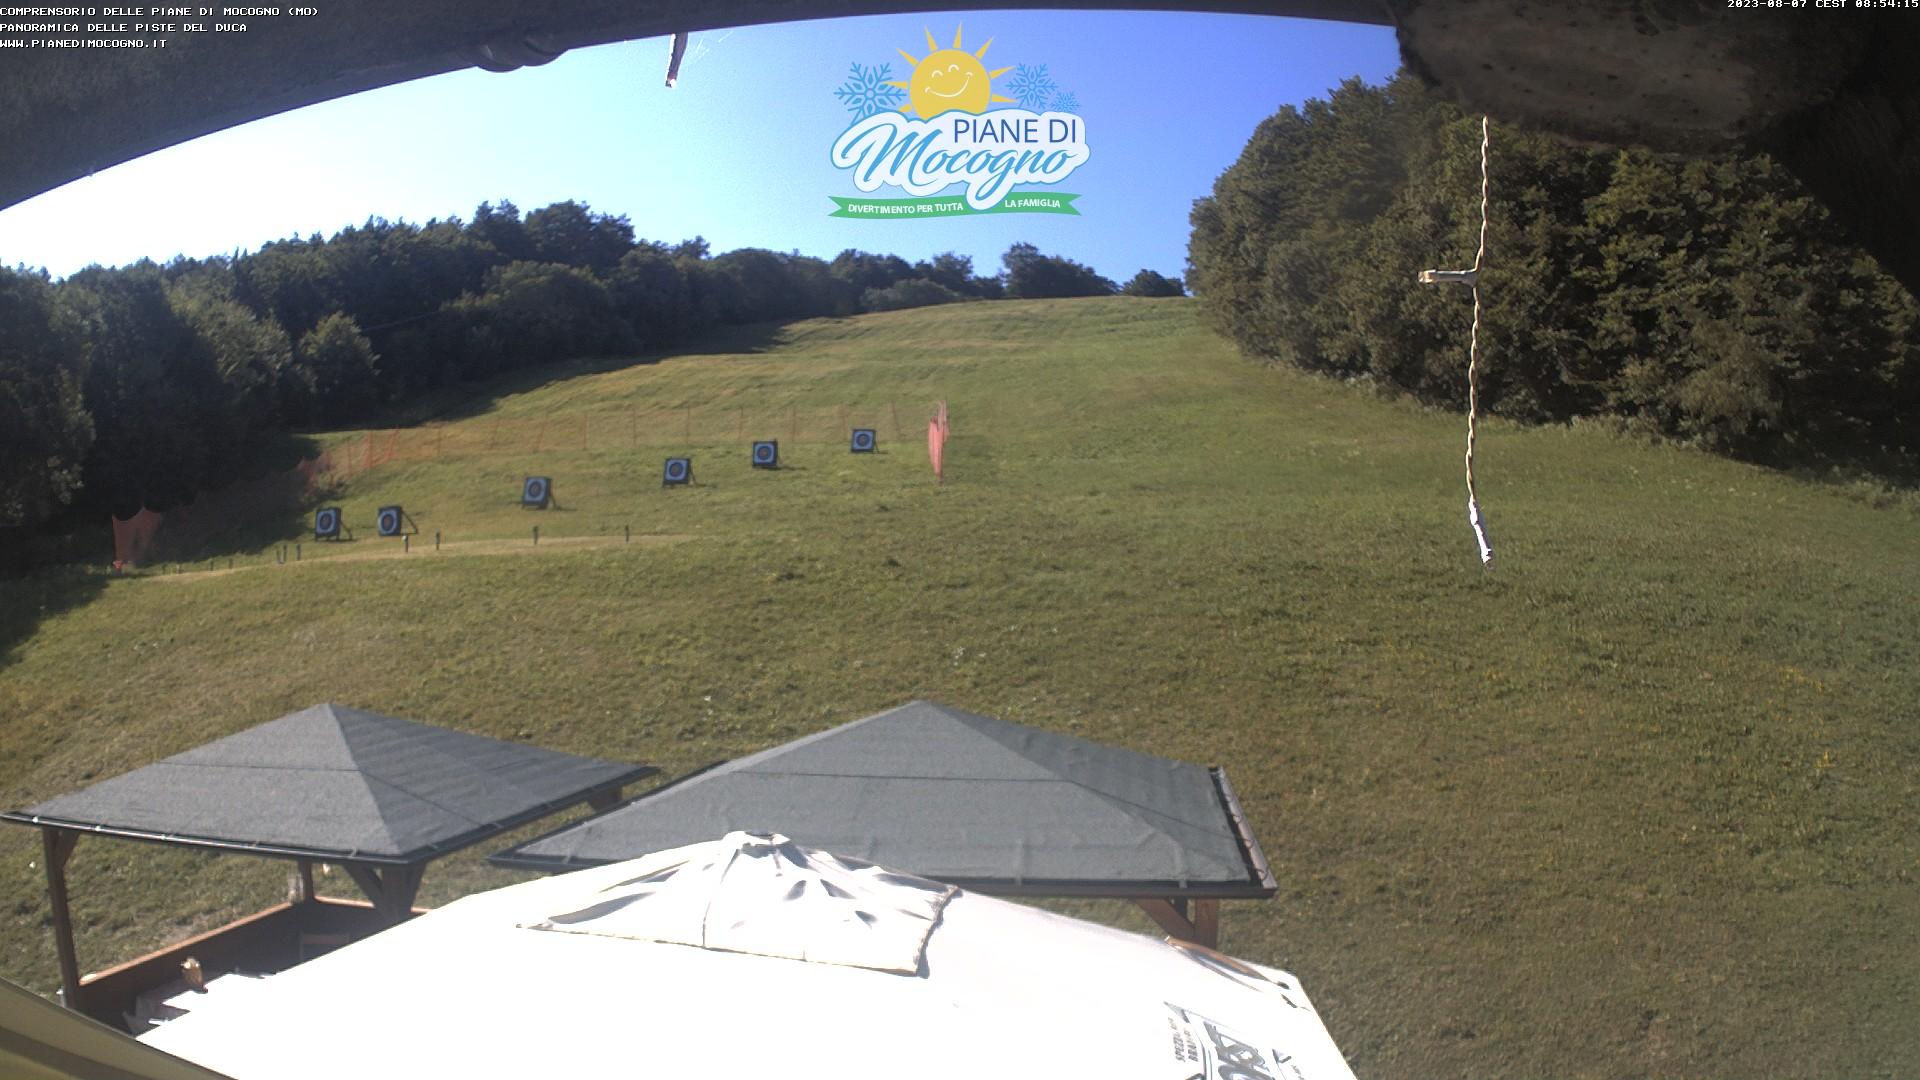 Webcam Piane di Mocogno